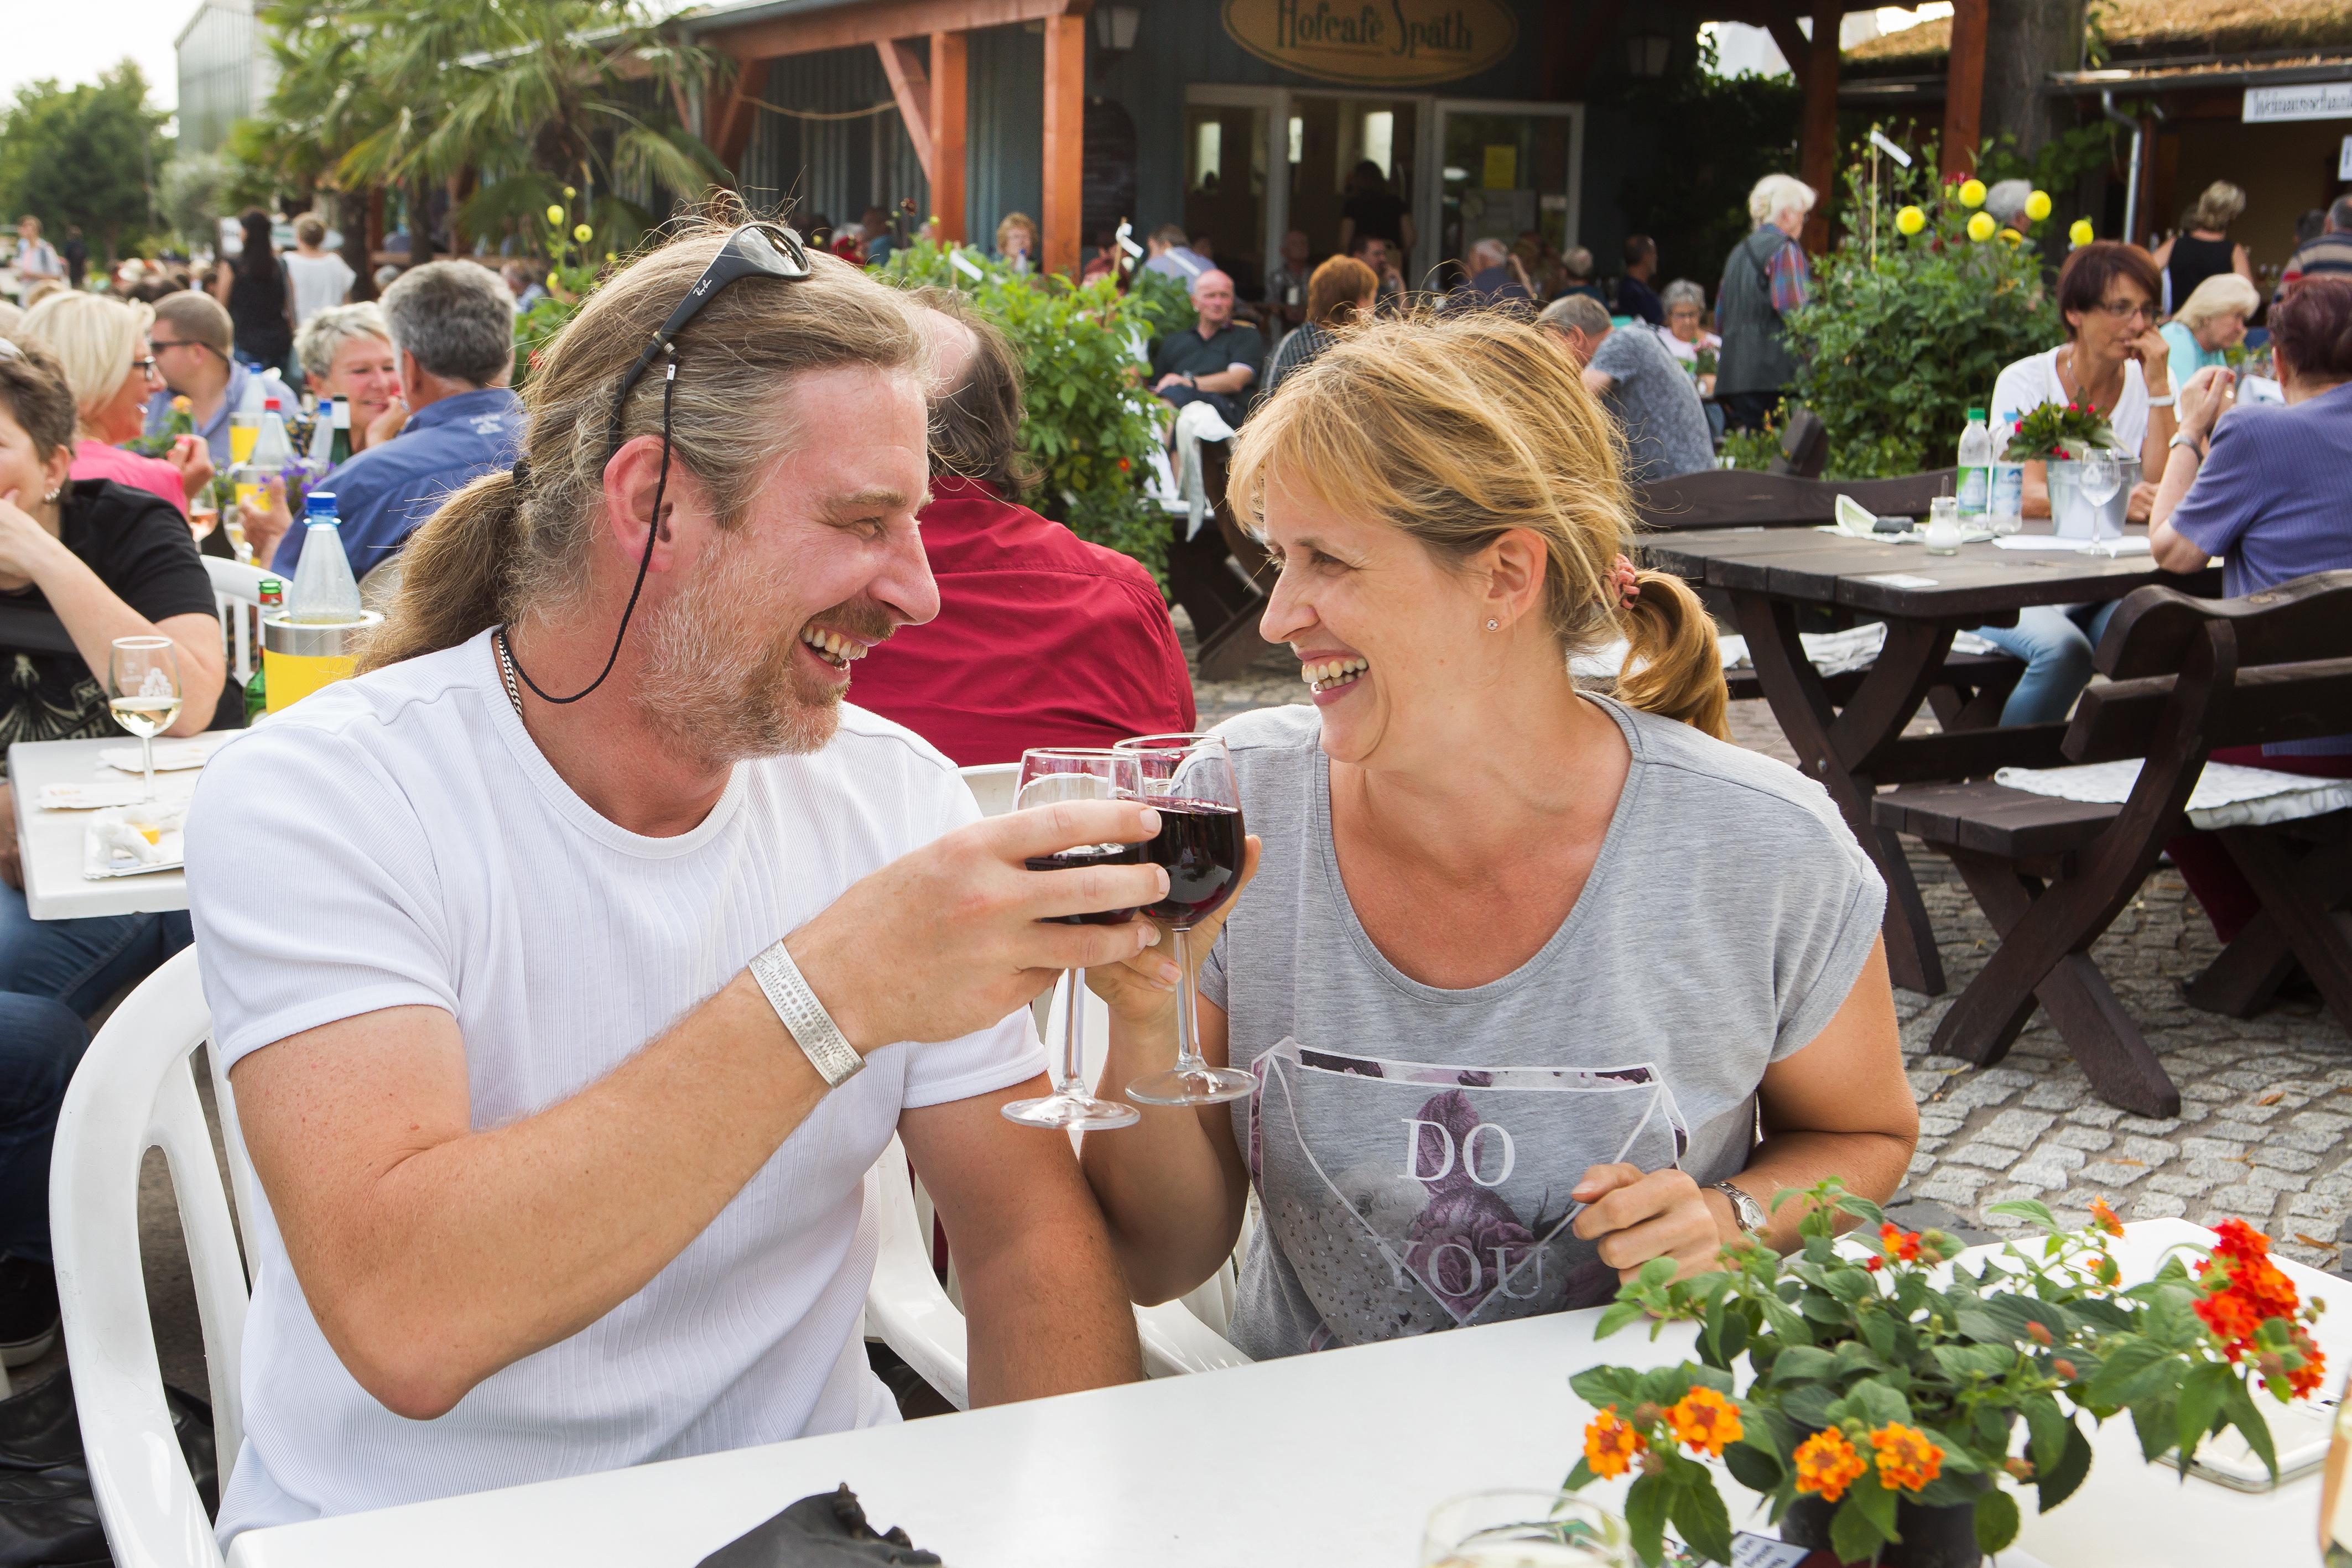 Weinfest in den Späth'schen Baumschulen, Pressefoto: Gäste mit Weinglas, 9,33 MB